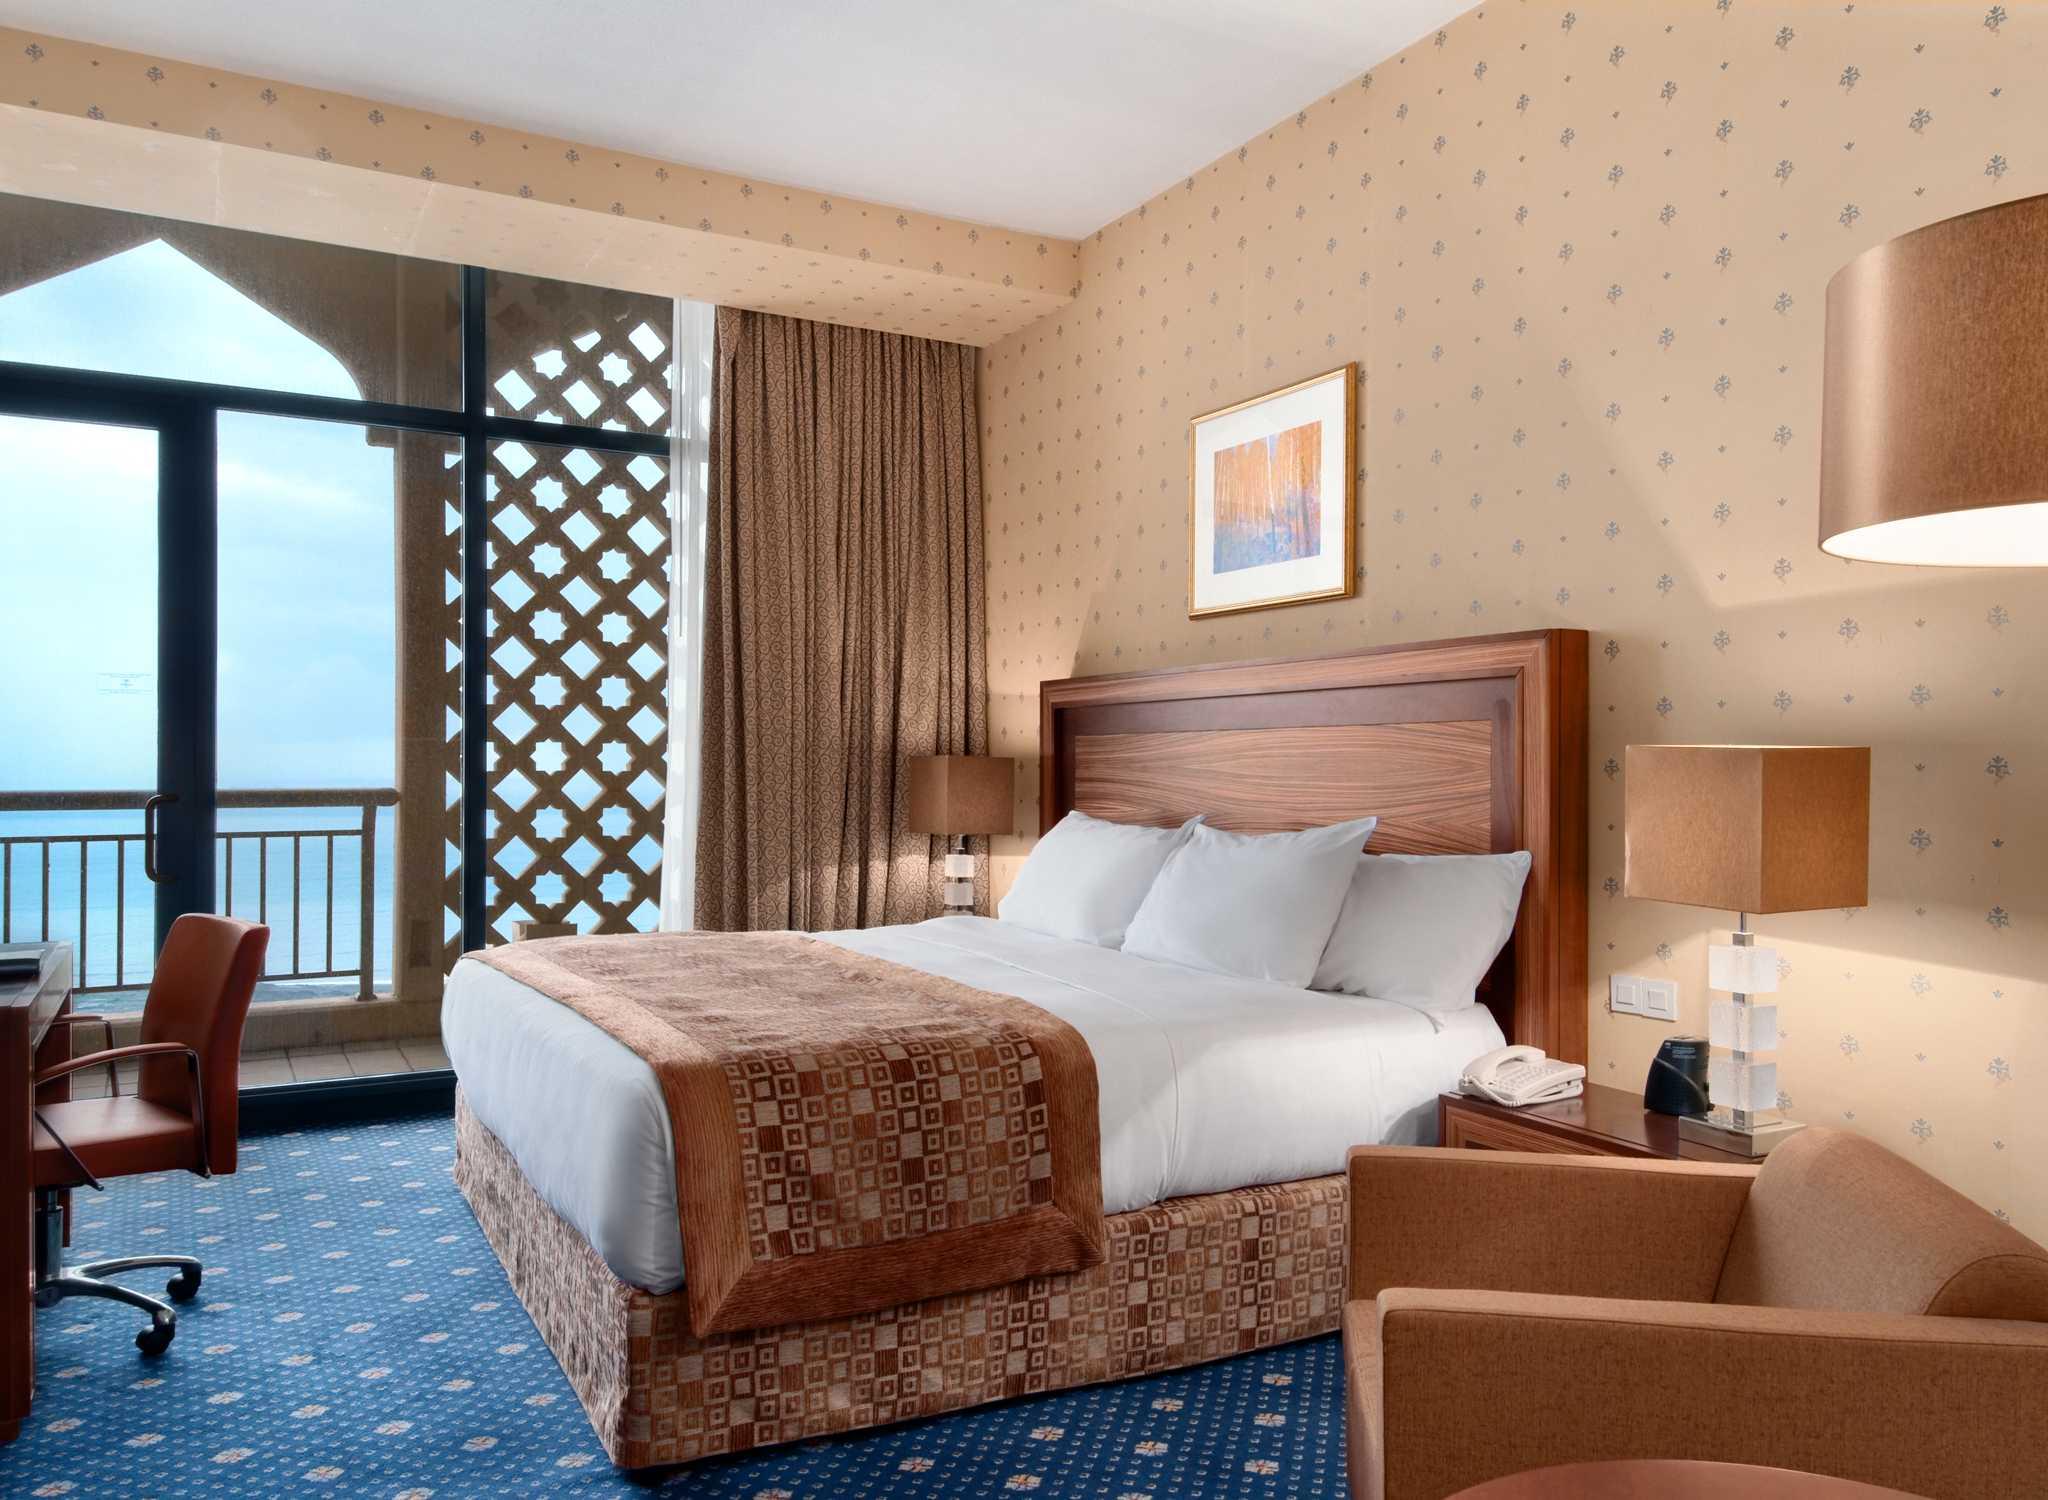 Salon moderne algerien for Design hotels mittelmeer